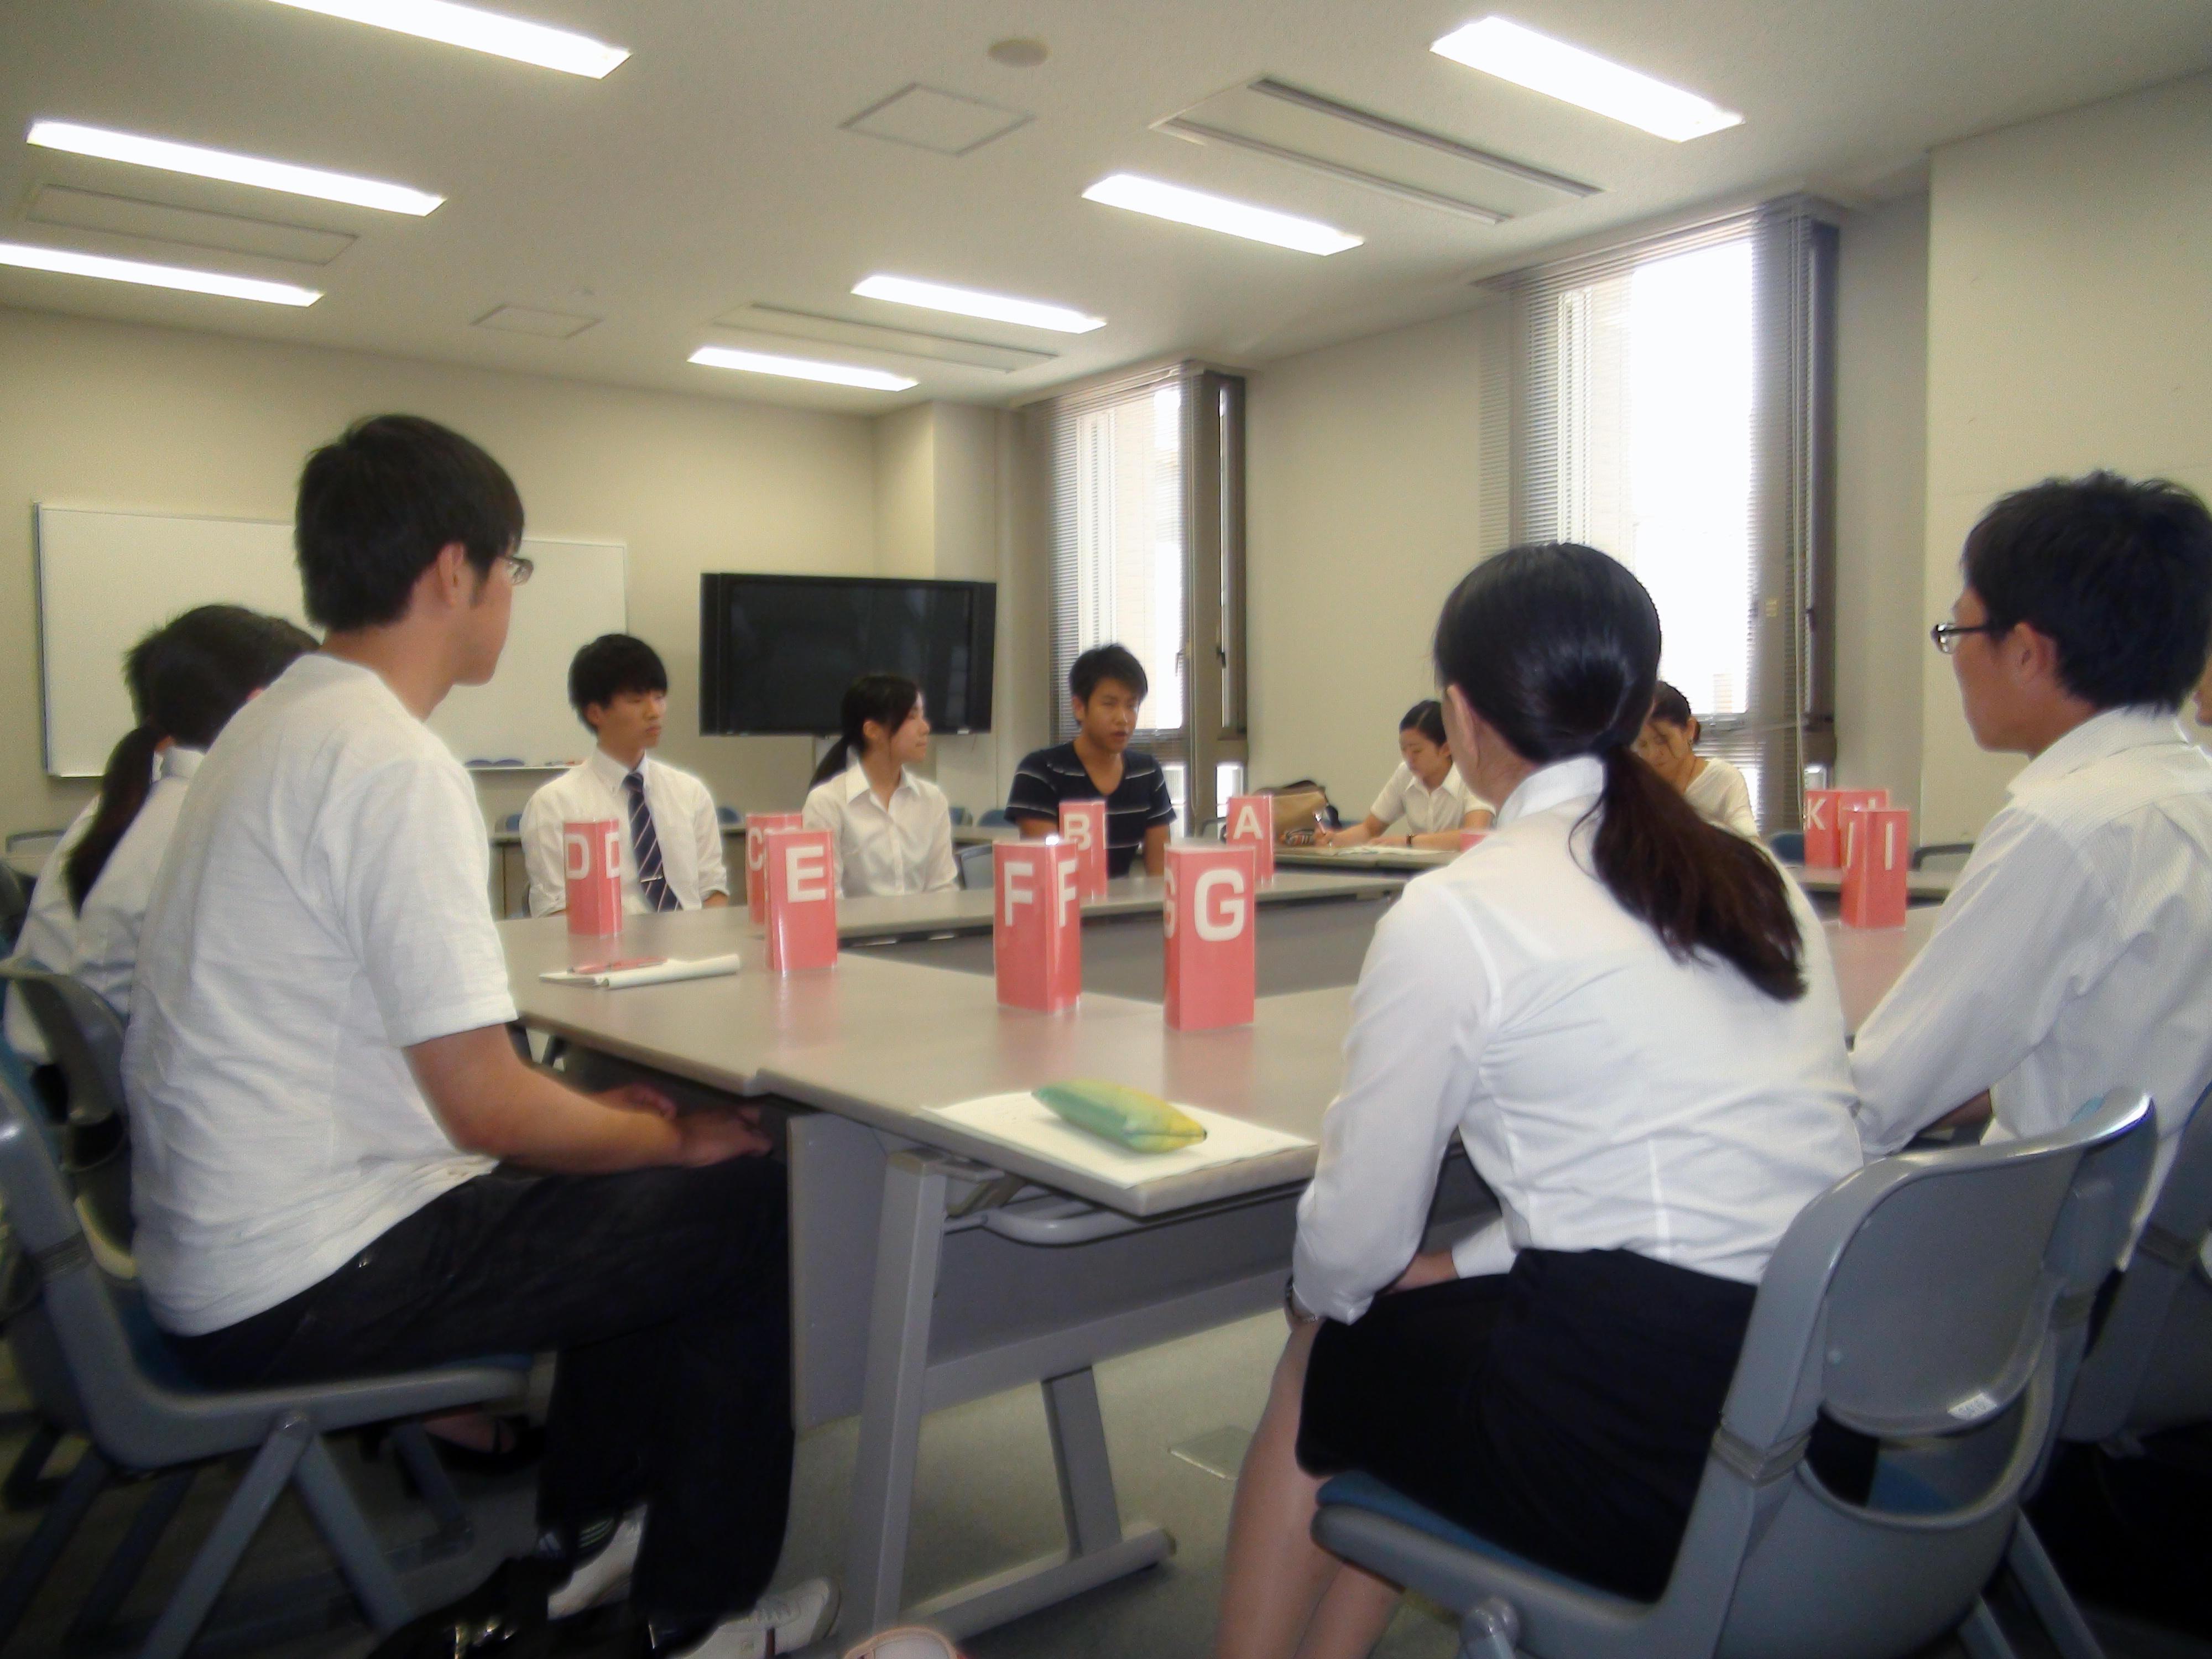 採用試験対策の集団討論練習